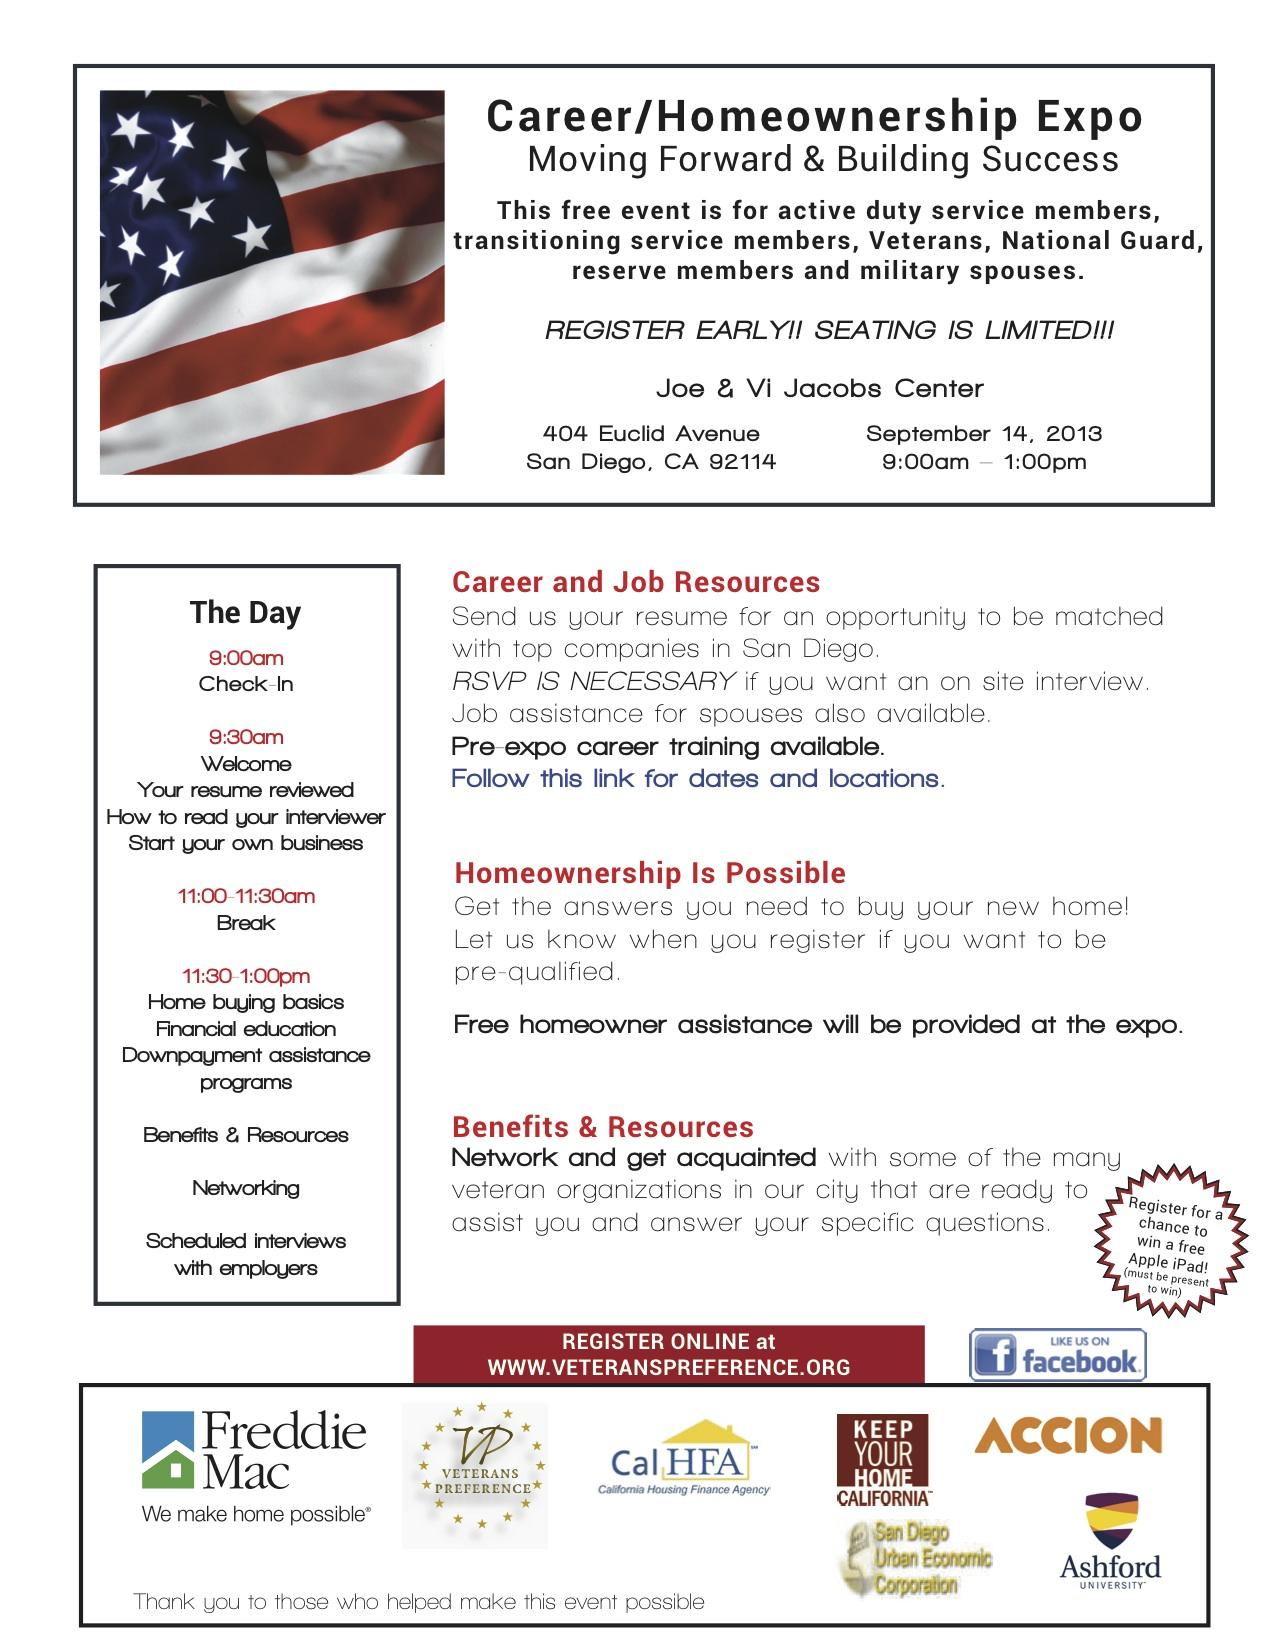 Career/Homeownership Expo